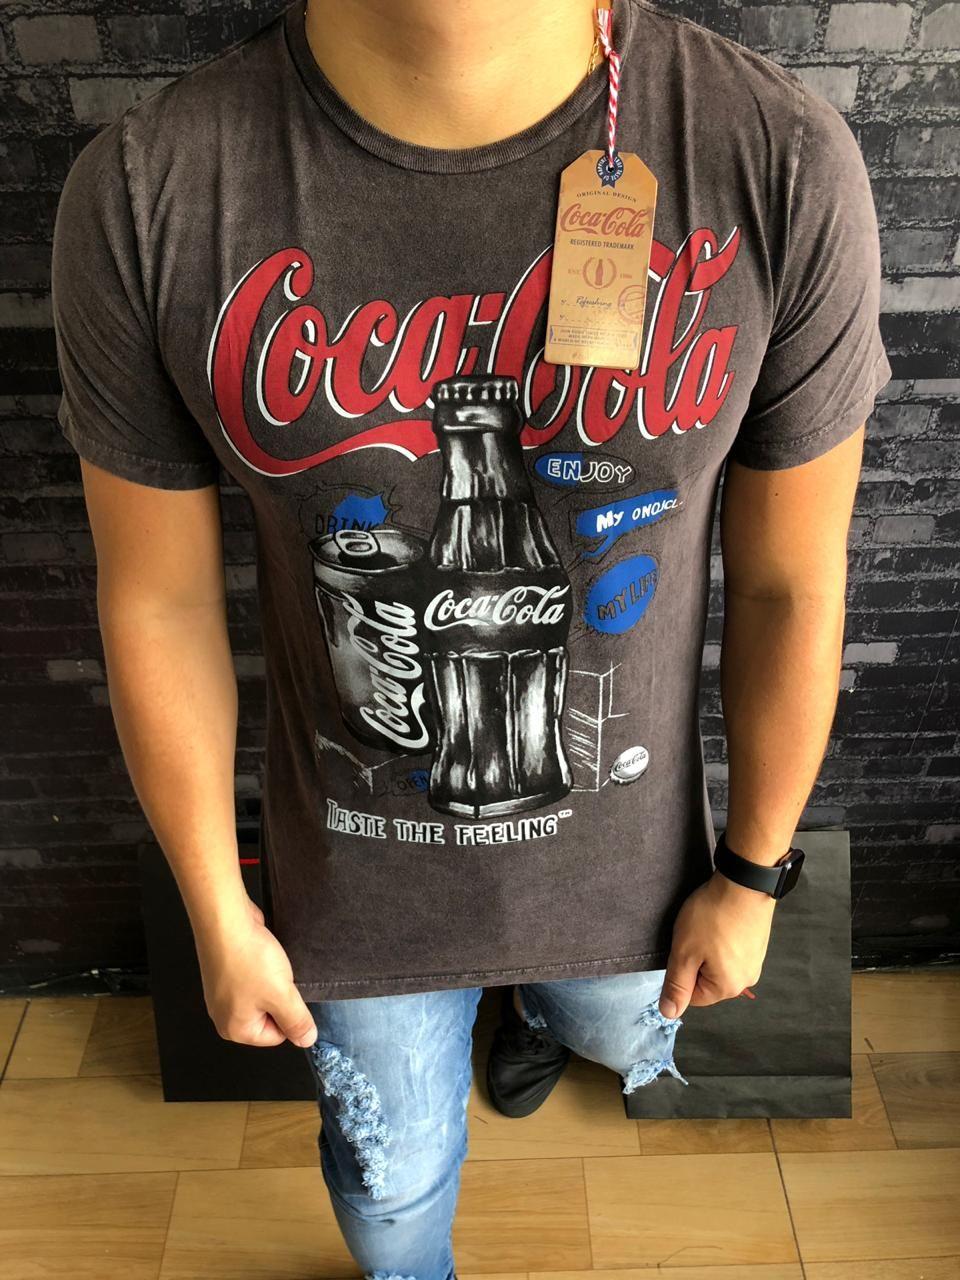 7f2c6096990 kit 40 camisetas camisas Masculinas baratas Marcas Famosas Camisas  masculinas em atacado são buscadas por dezenas